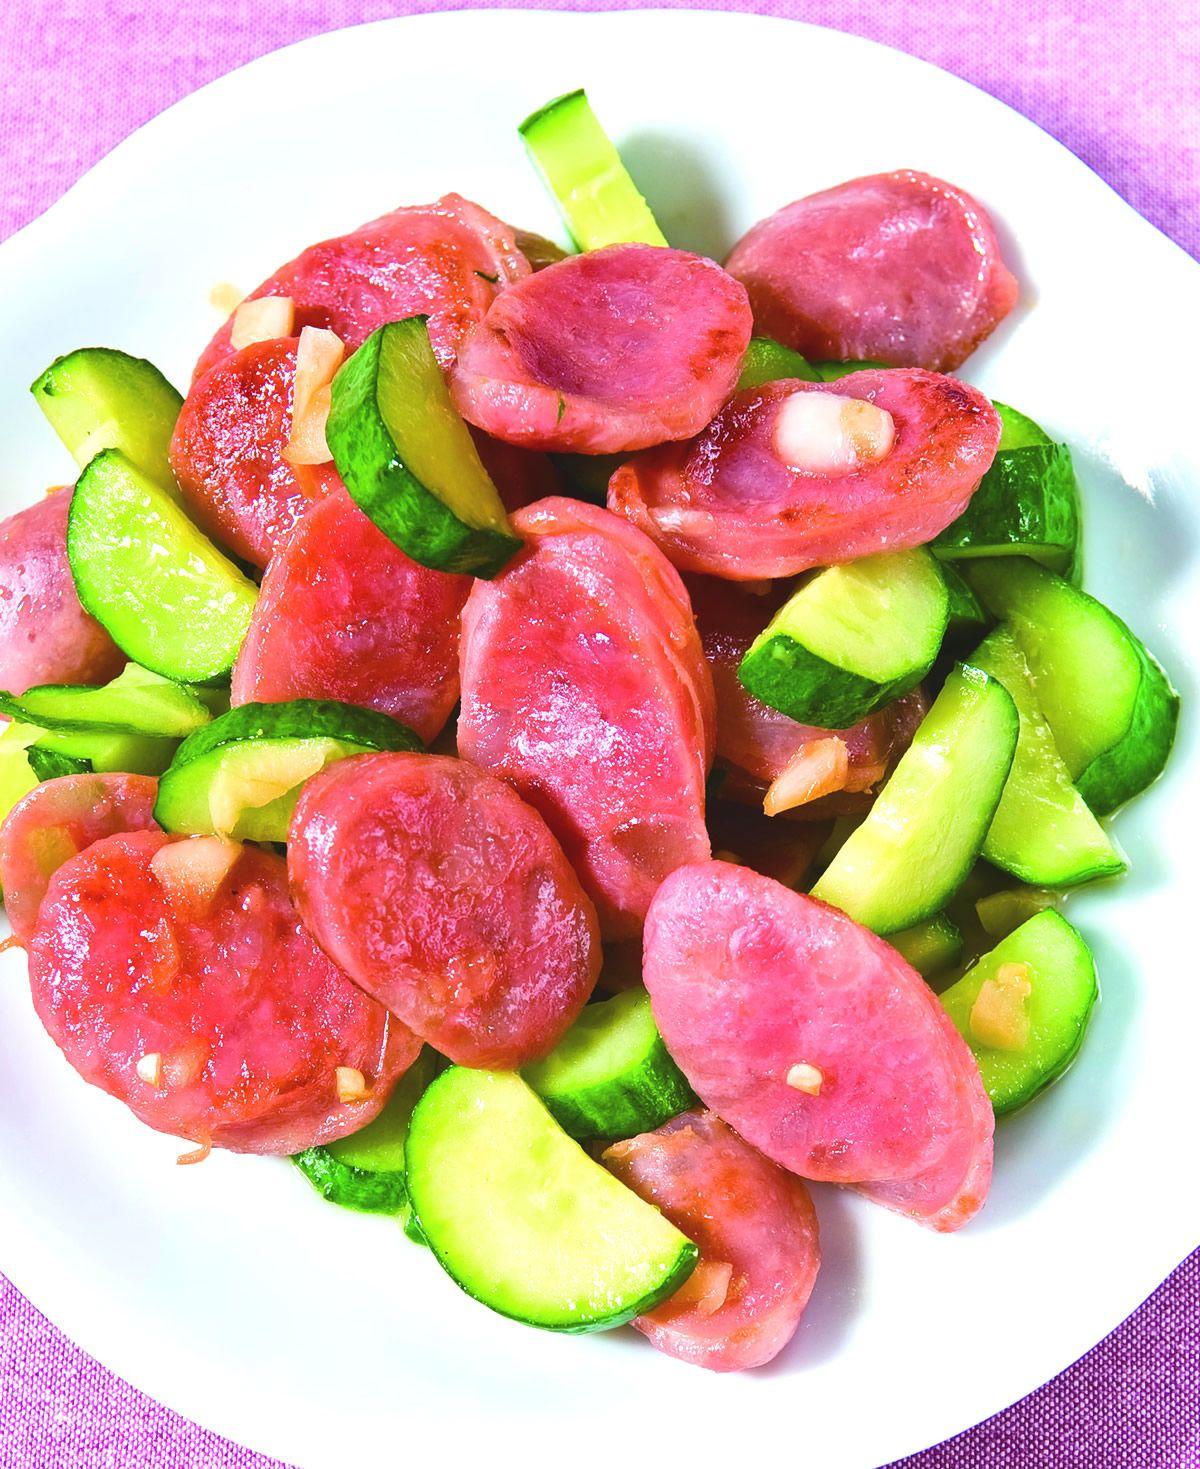 食譜:黃瓜炒香腸